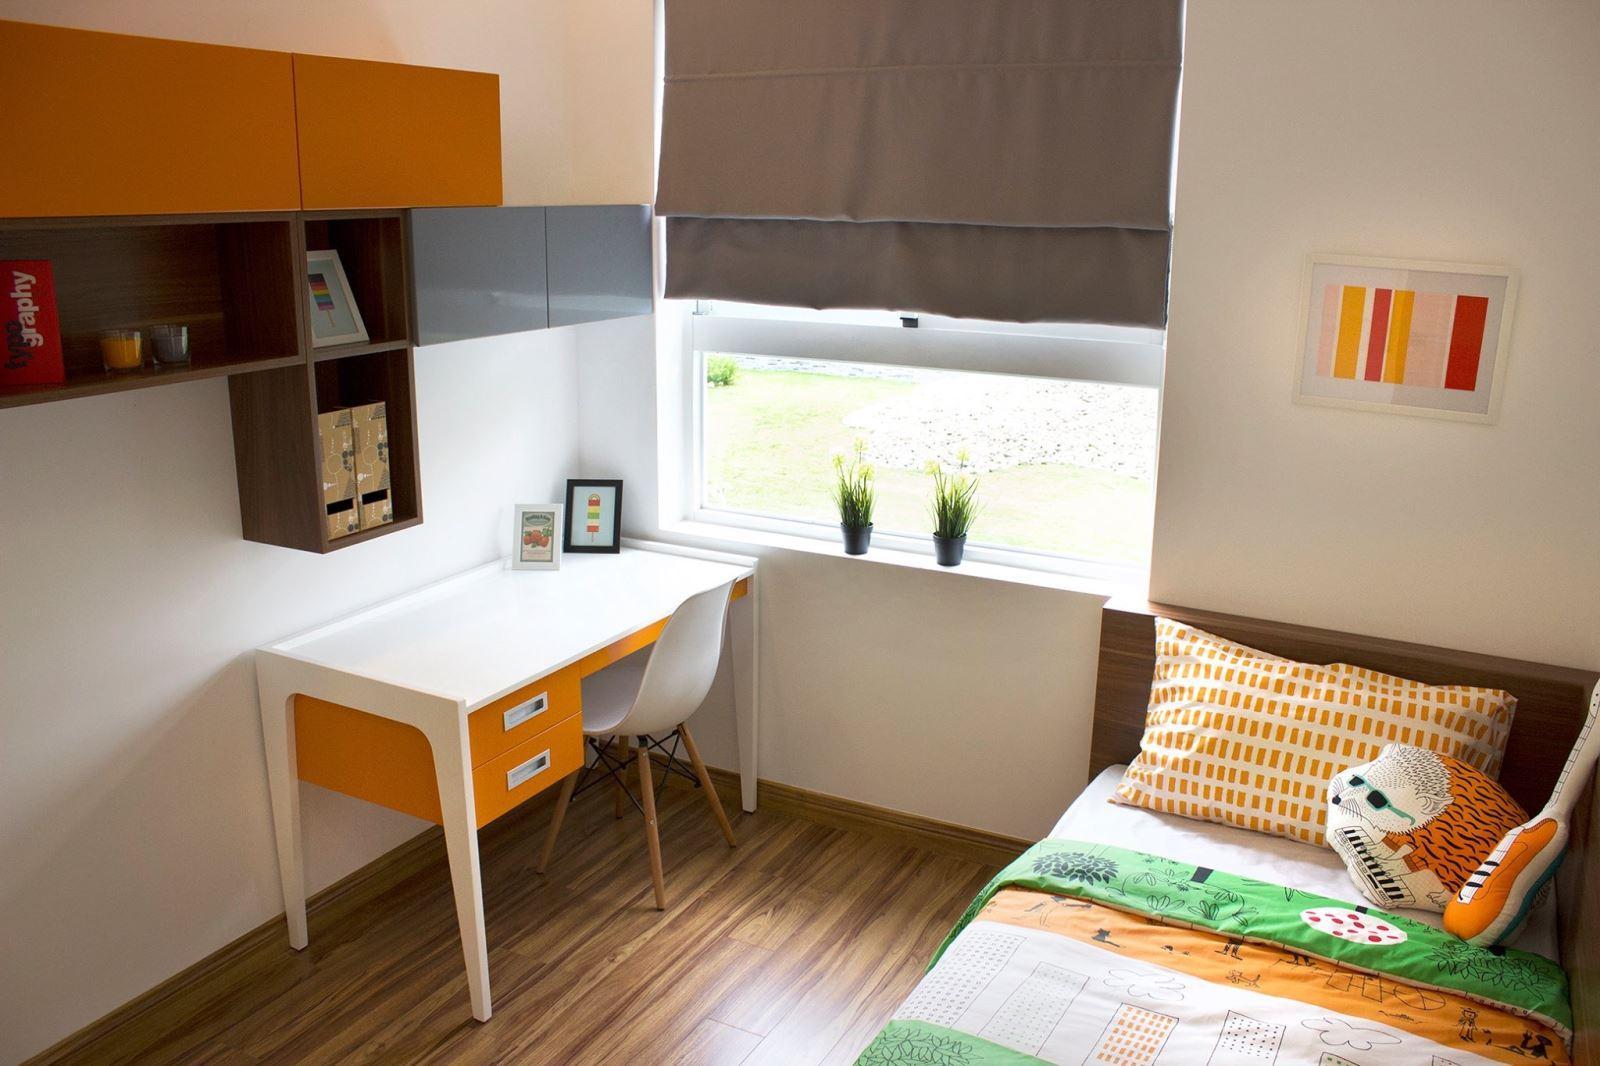 căn hộ mẫu 9 view apartment 6